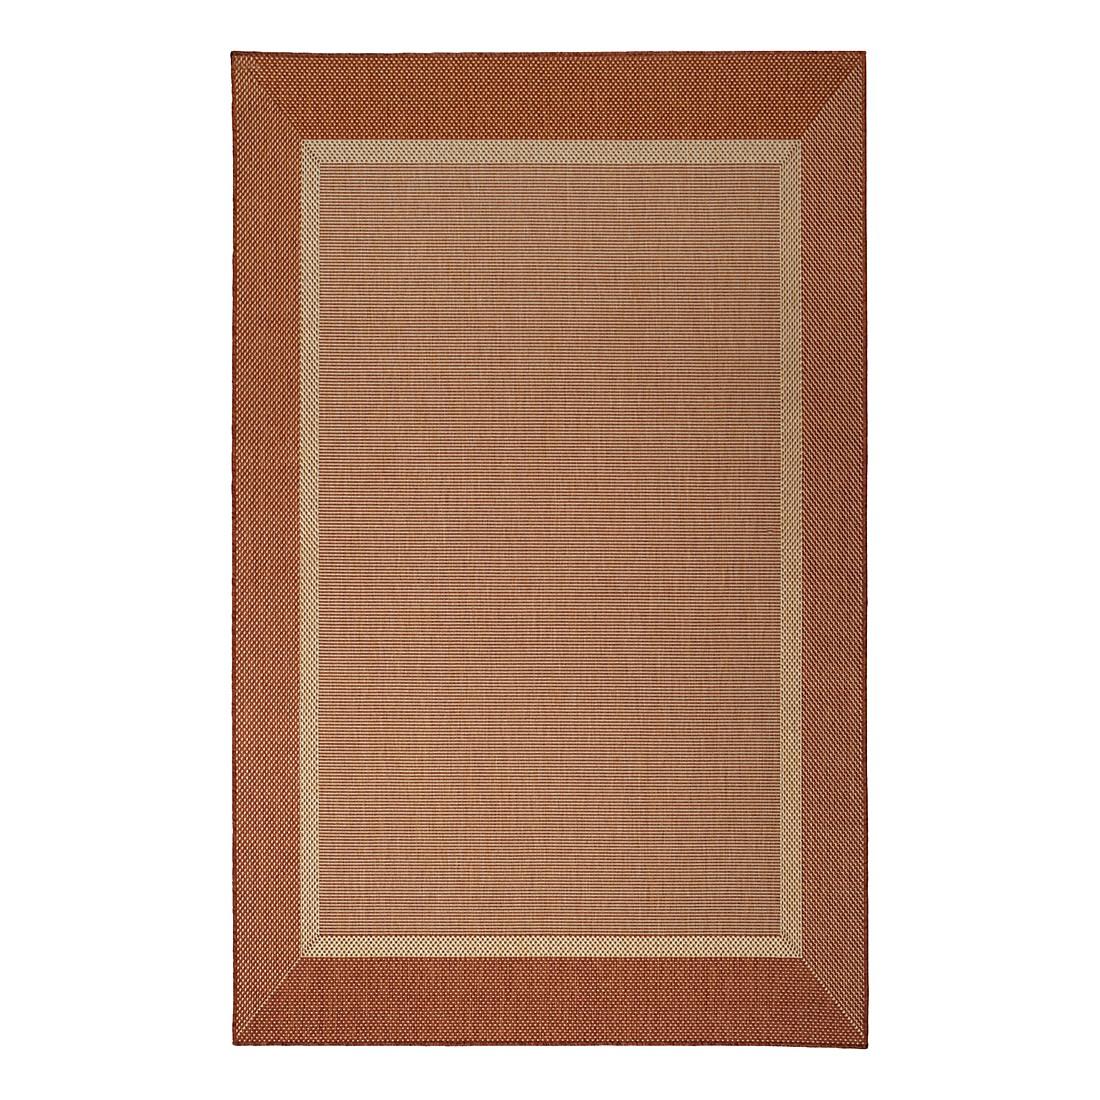 Teppich Carpetto IV – Terra – 80 x 150 cm, Astra online kaufen